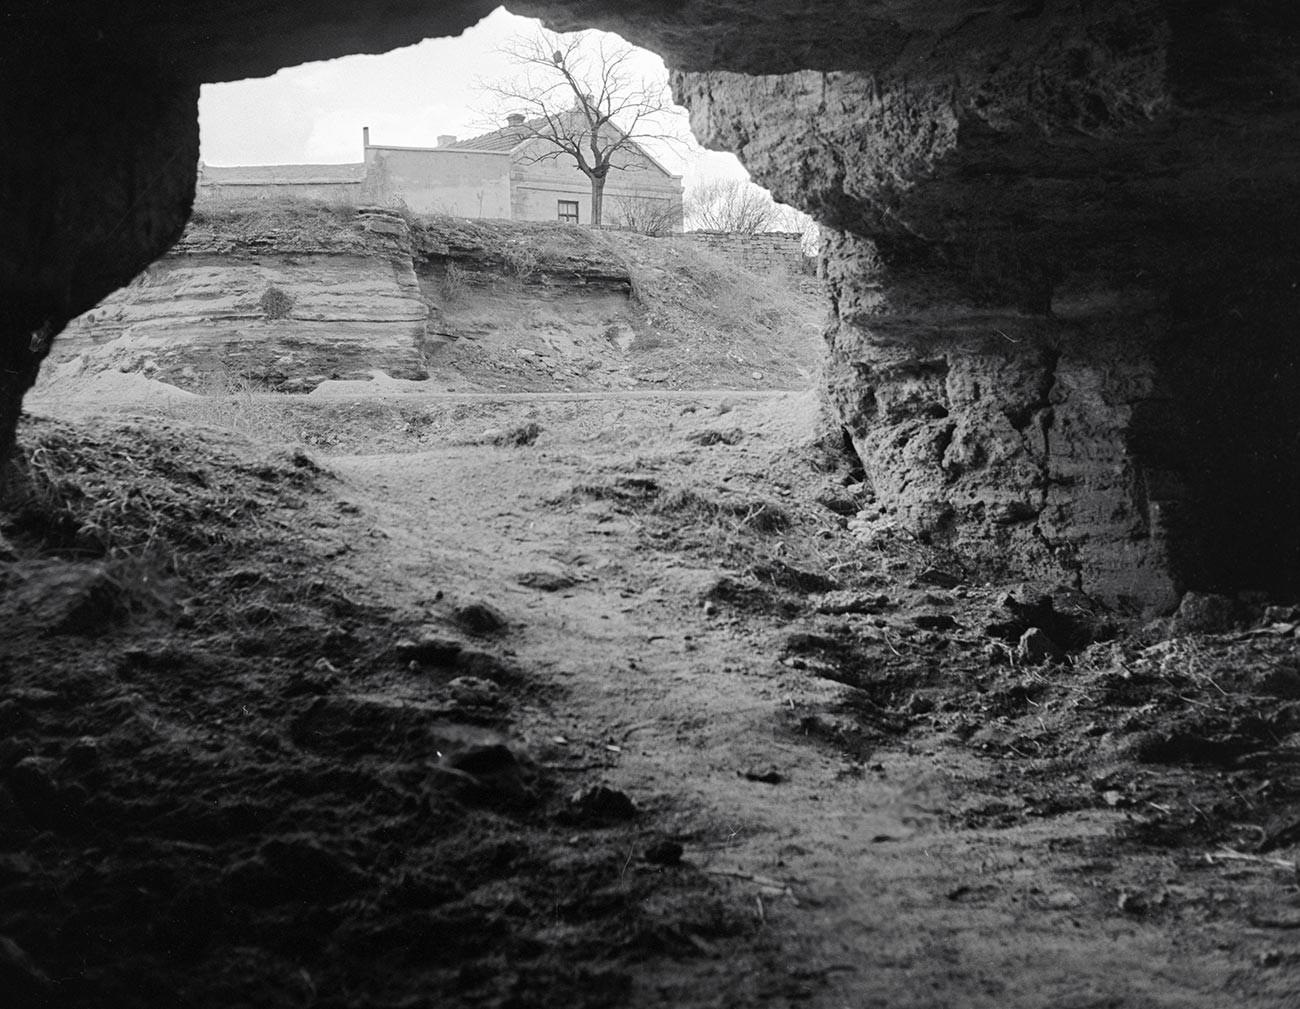 Izlaz iz Nerubajskih katakombi.